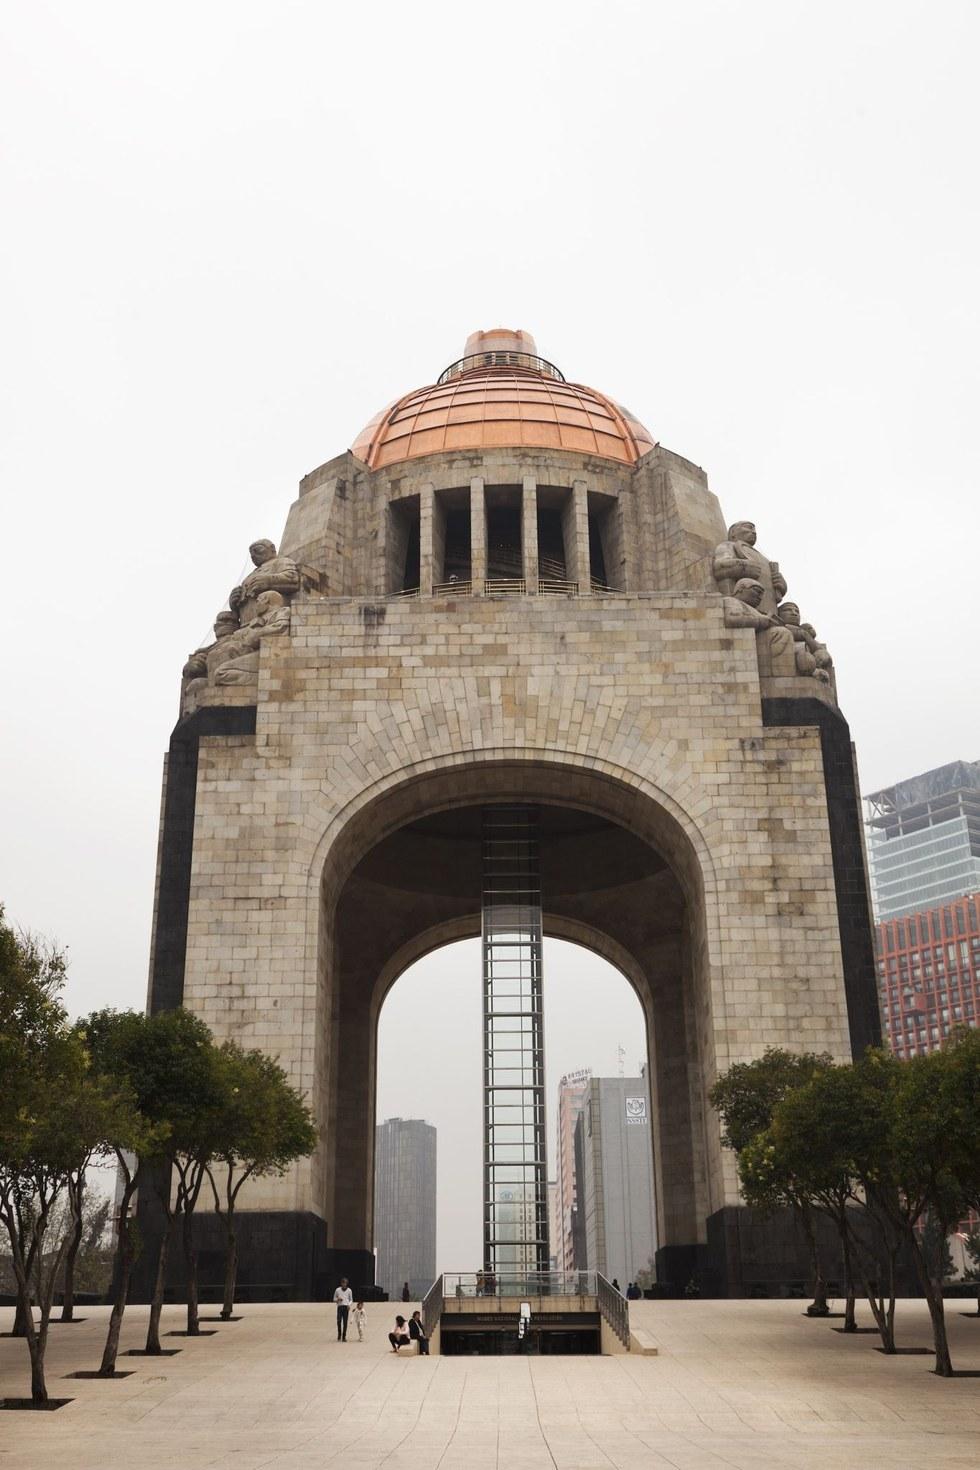 The Monumento a la Revolución